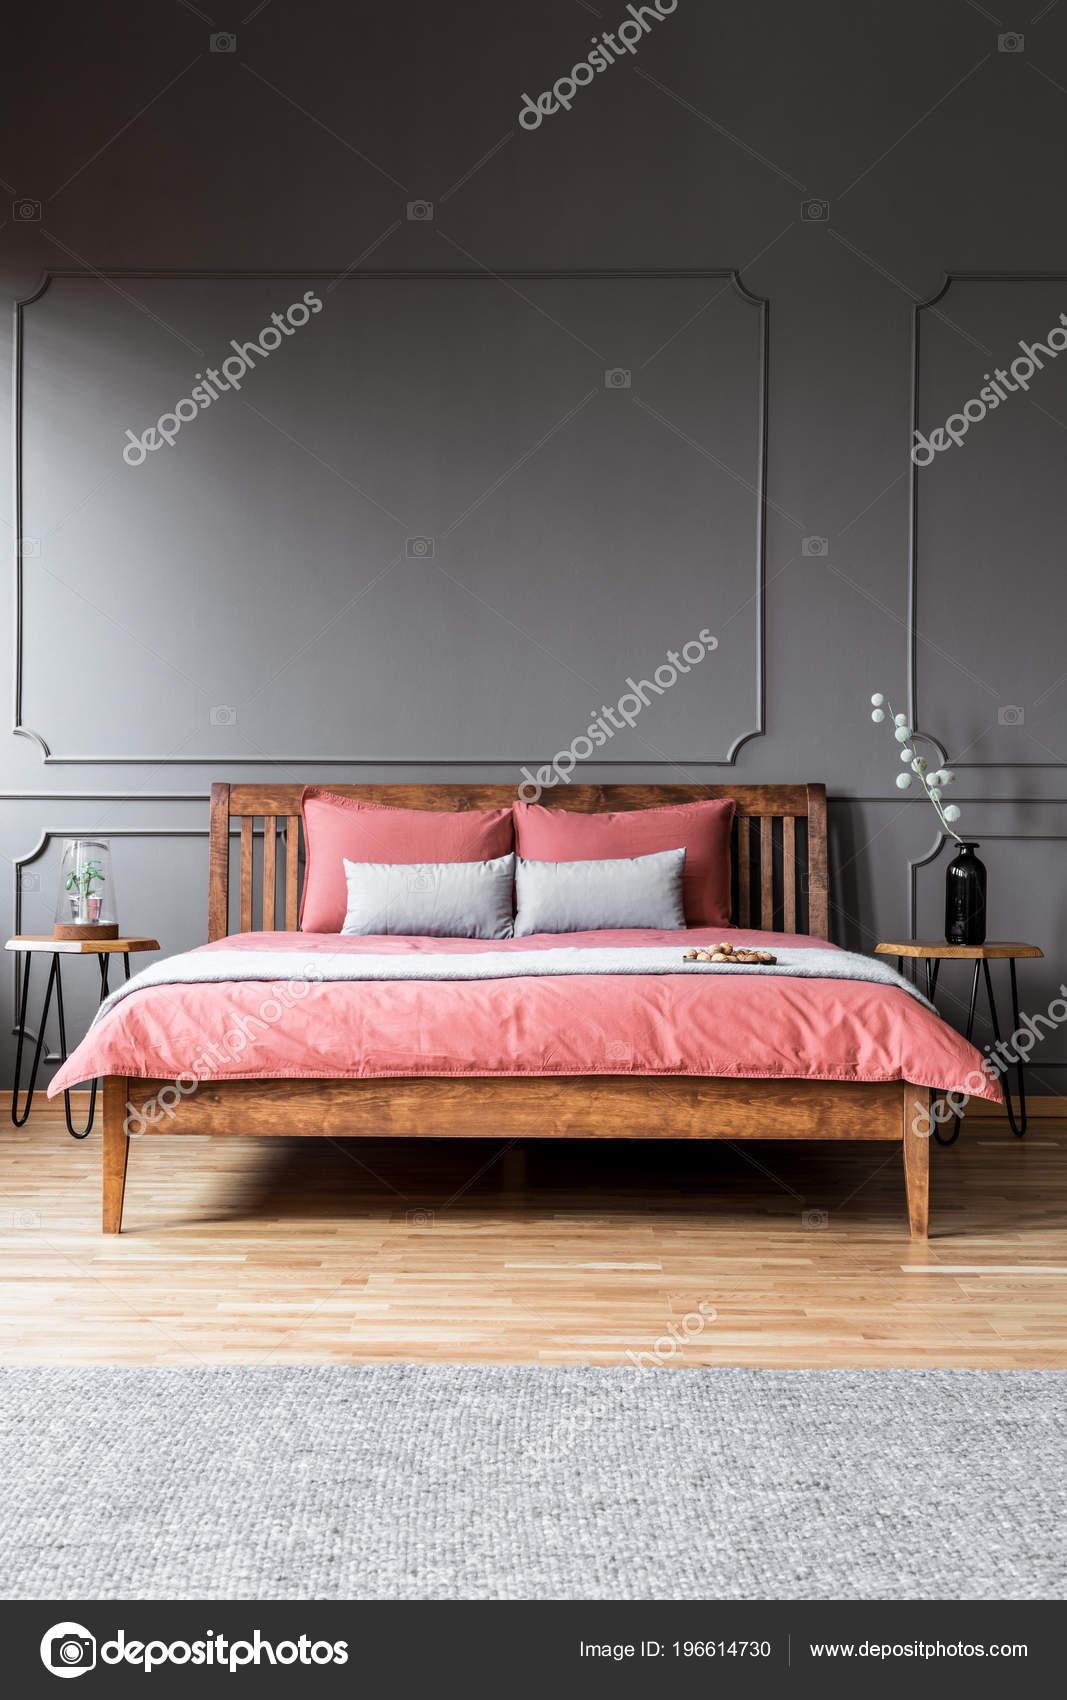 statut grand lit dans intérieur chambre sombre entre les tables